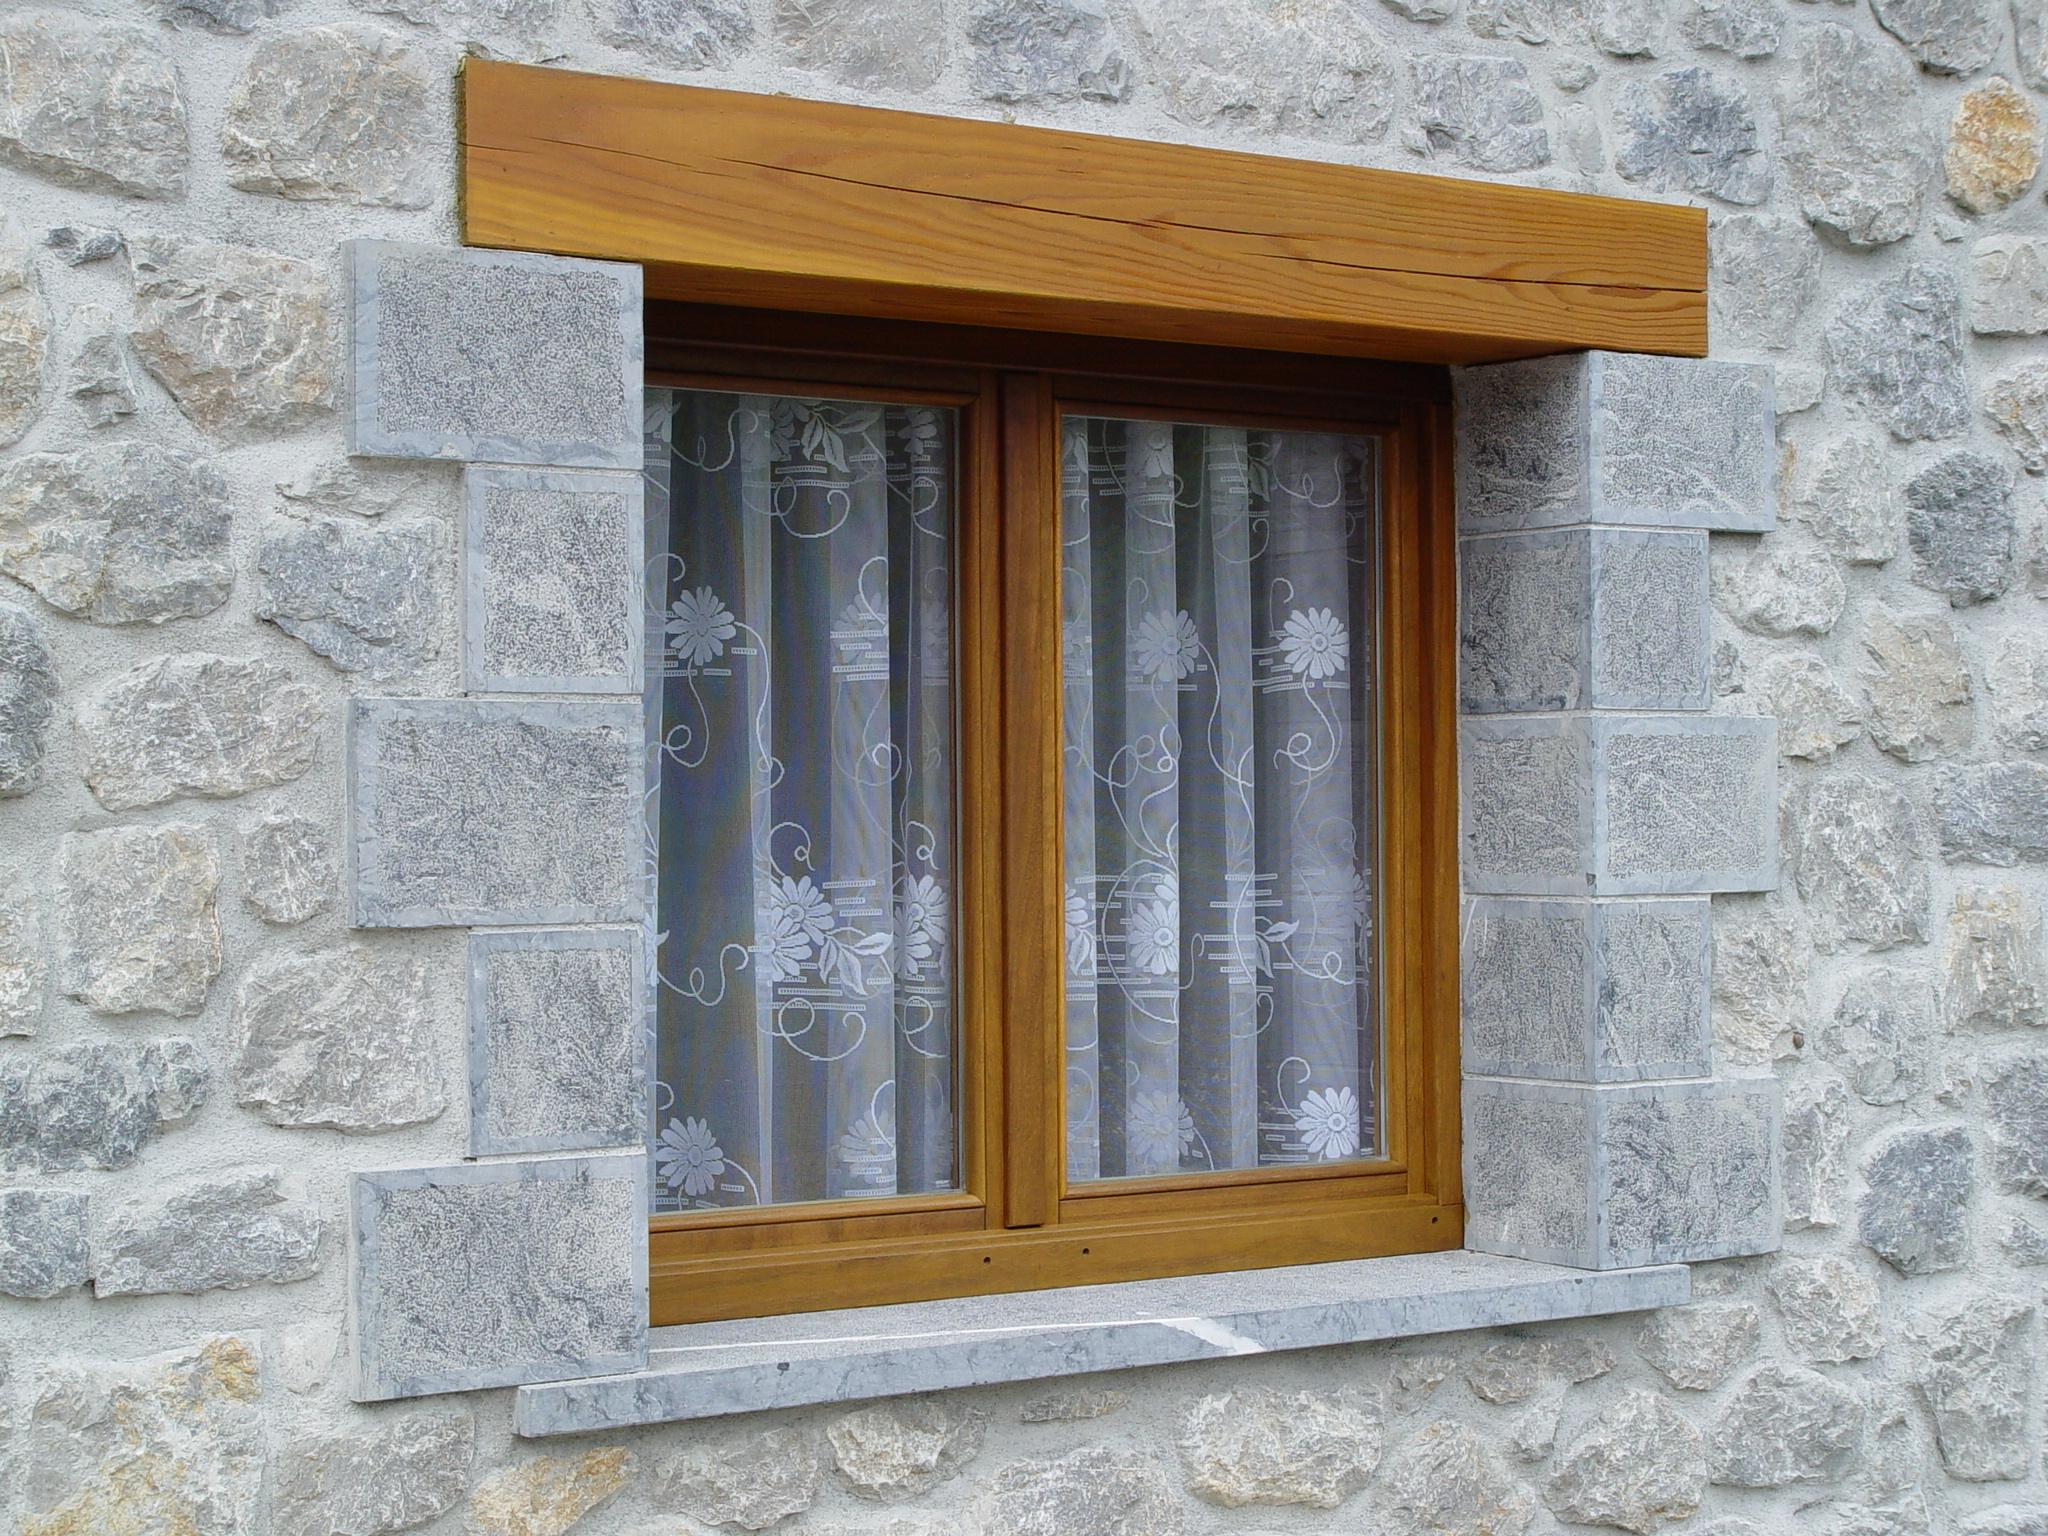 España cuenta con 69 millones de ventanas obsoletas